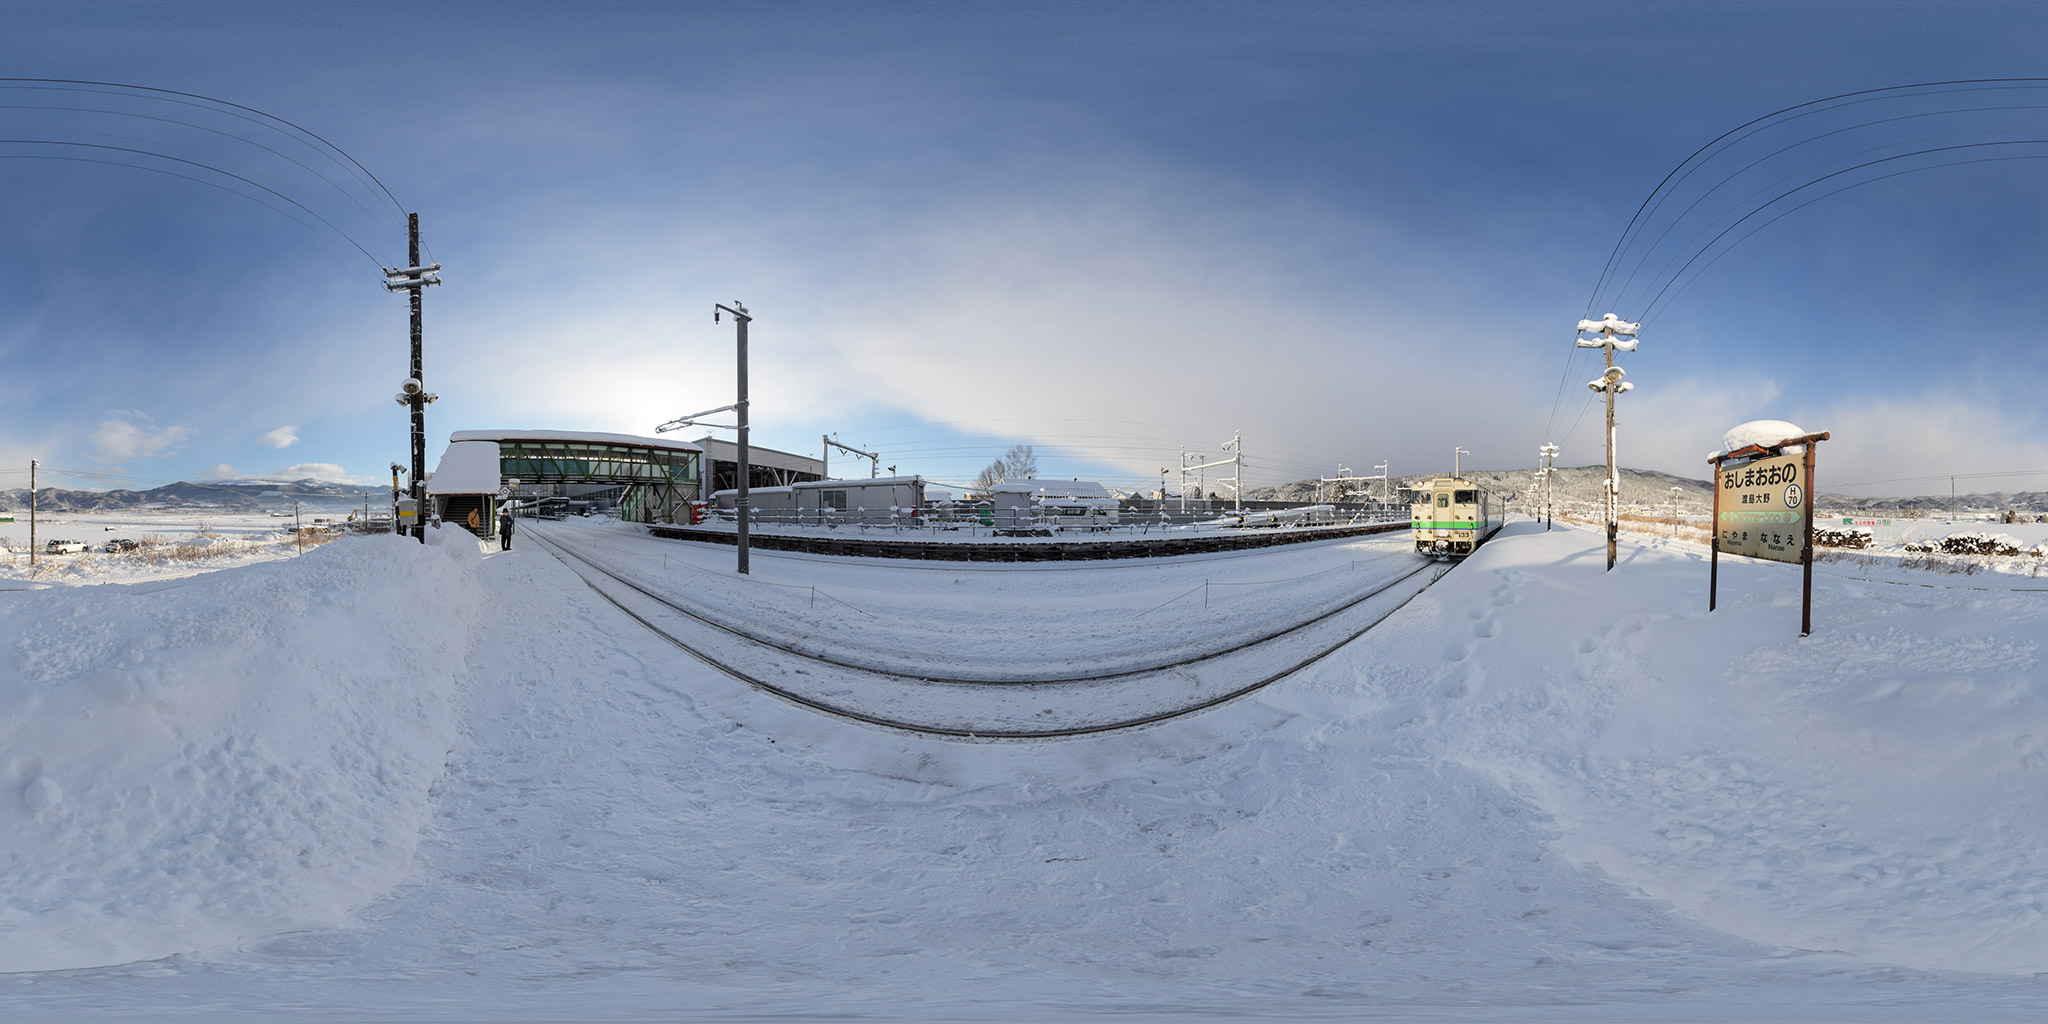 2014年12月に撮影した渡島大野駅